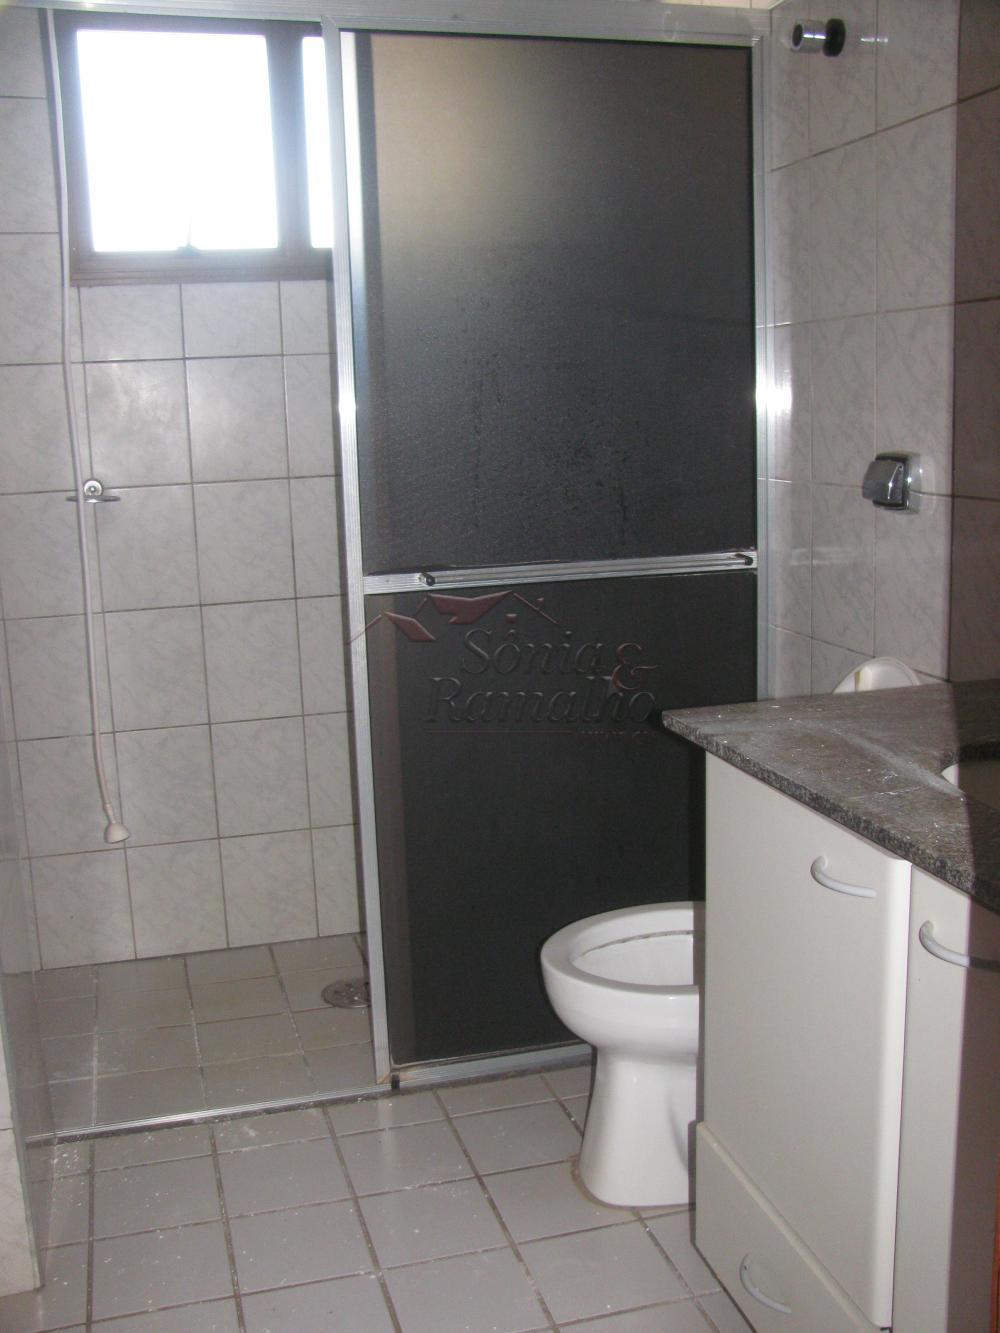 Alugar Apartamentos / Padrão em Ribeirão Preto R$ 950,00 - Foto 6